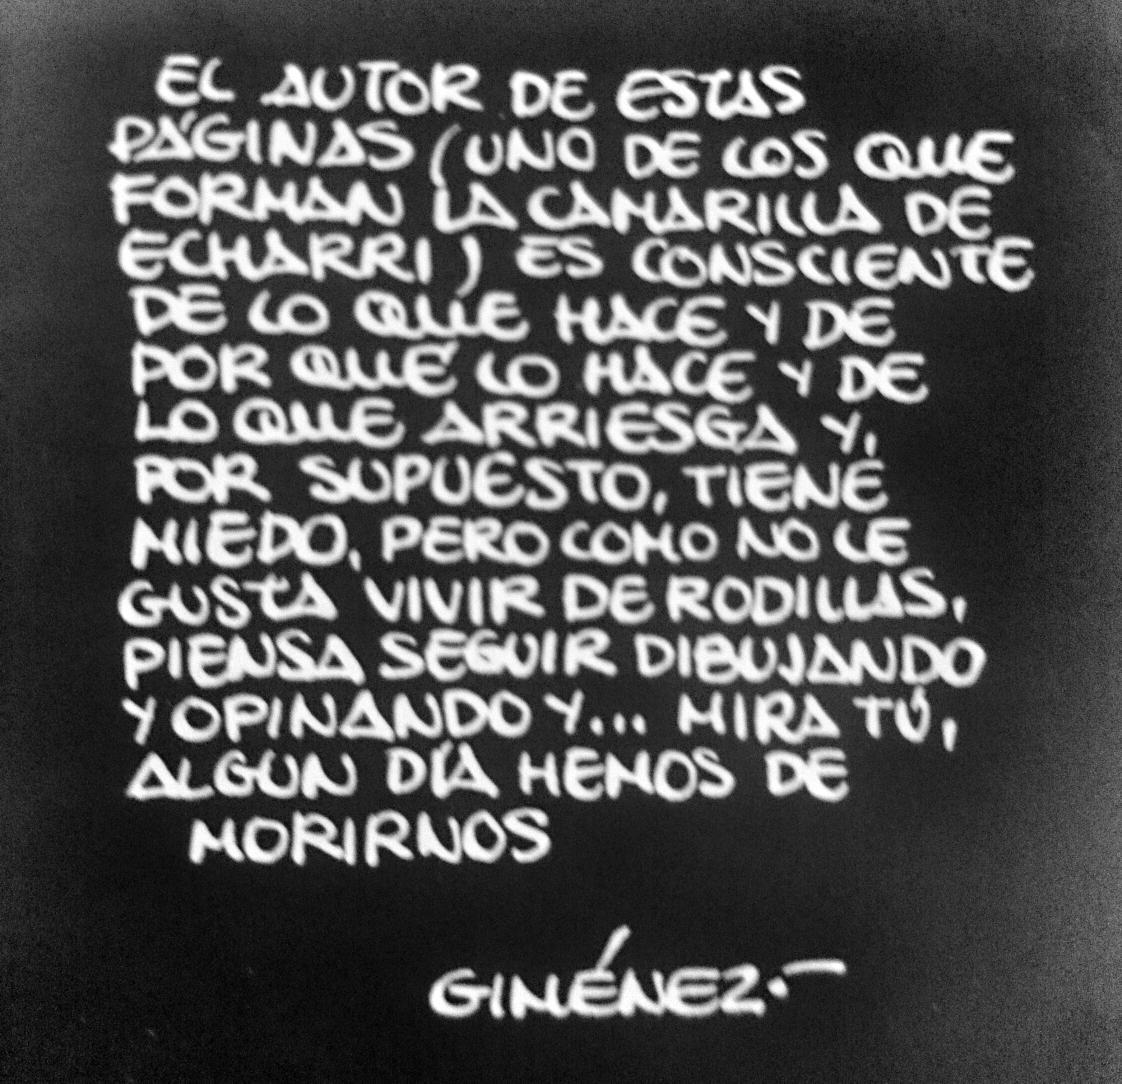 Esta cita me ronda todo el día. Carlos Giménez, tras el atentado con bomba a la revista satírica 'El Papus'. 1977. http://t.co/sSvM2g44AM